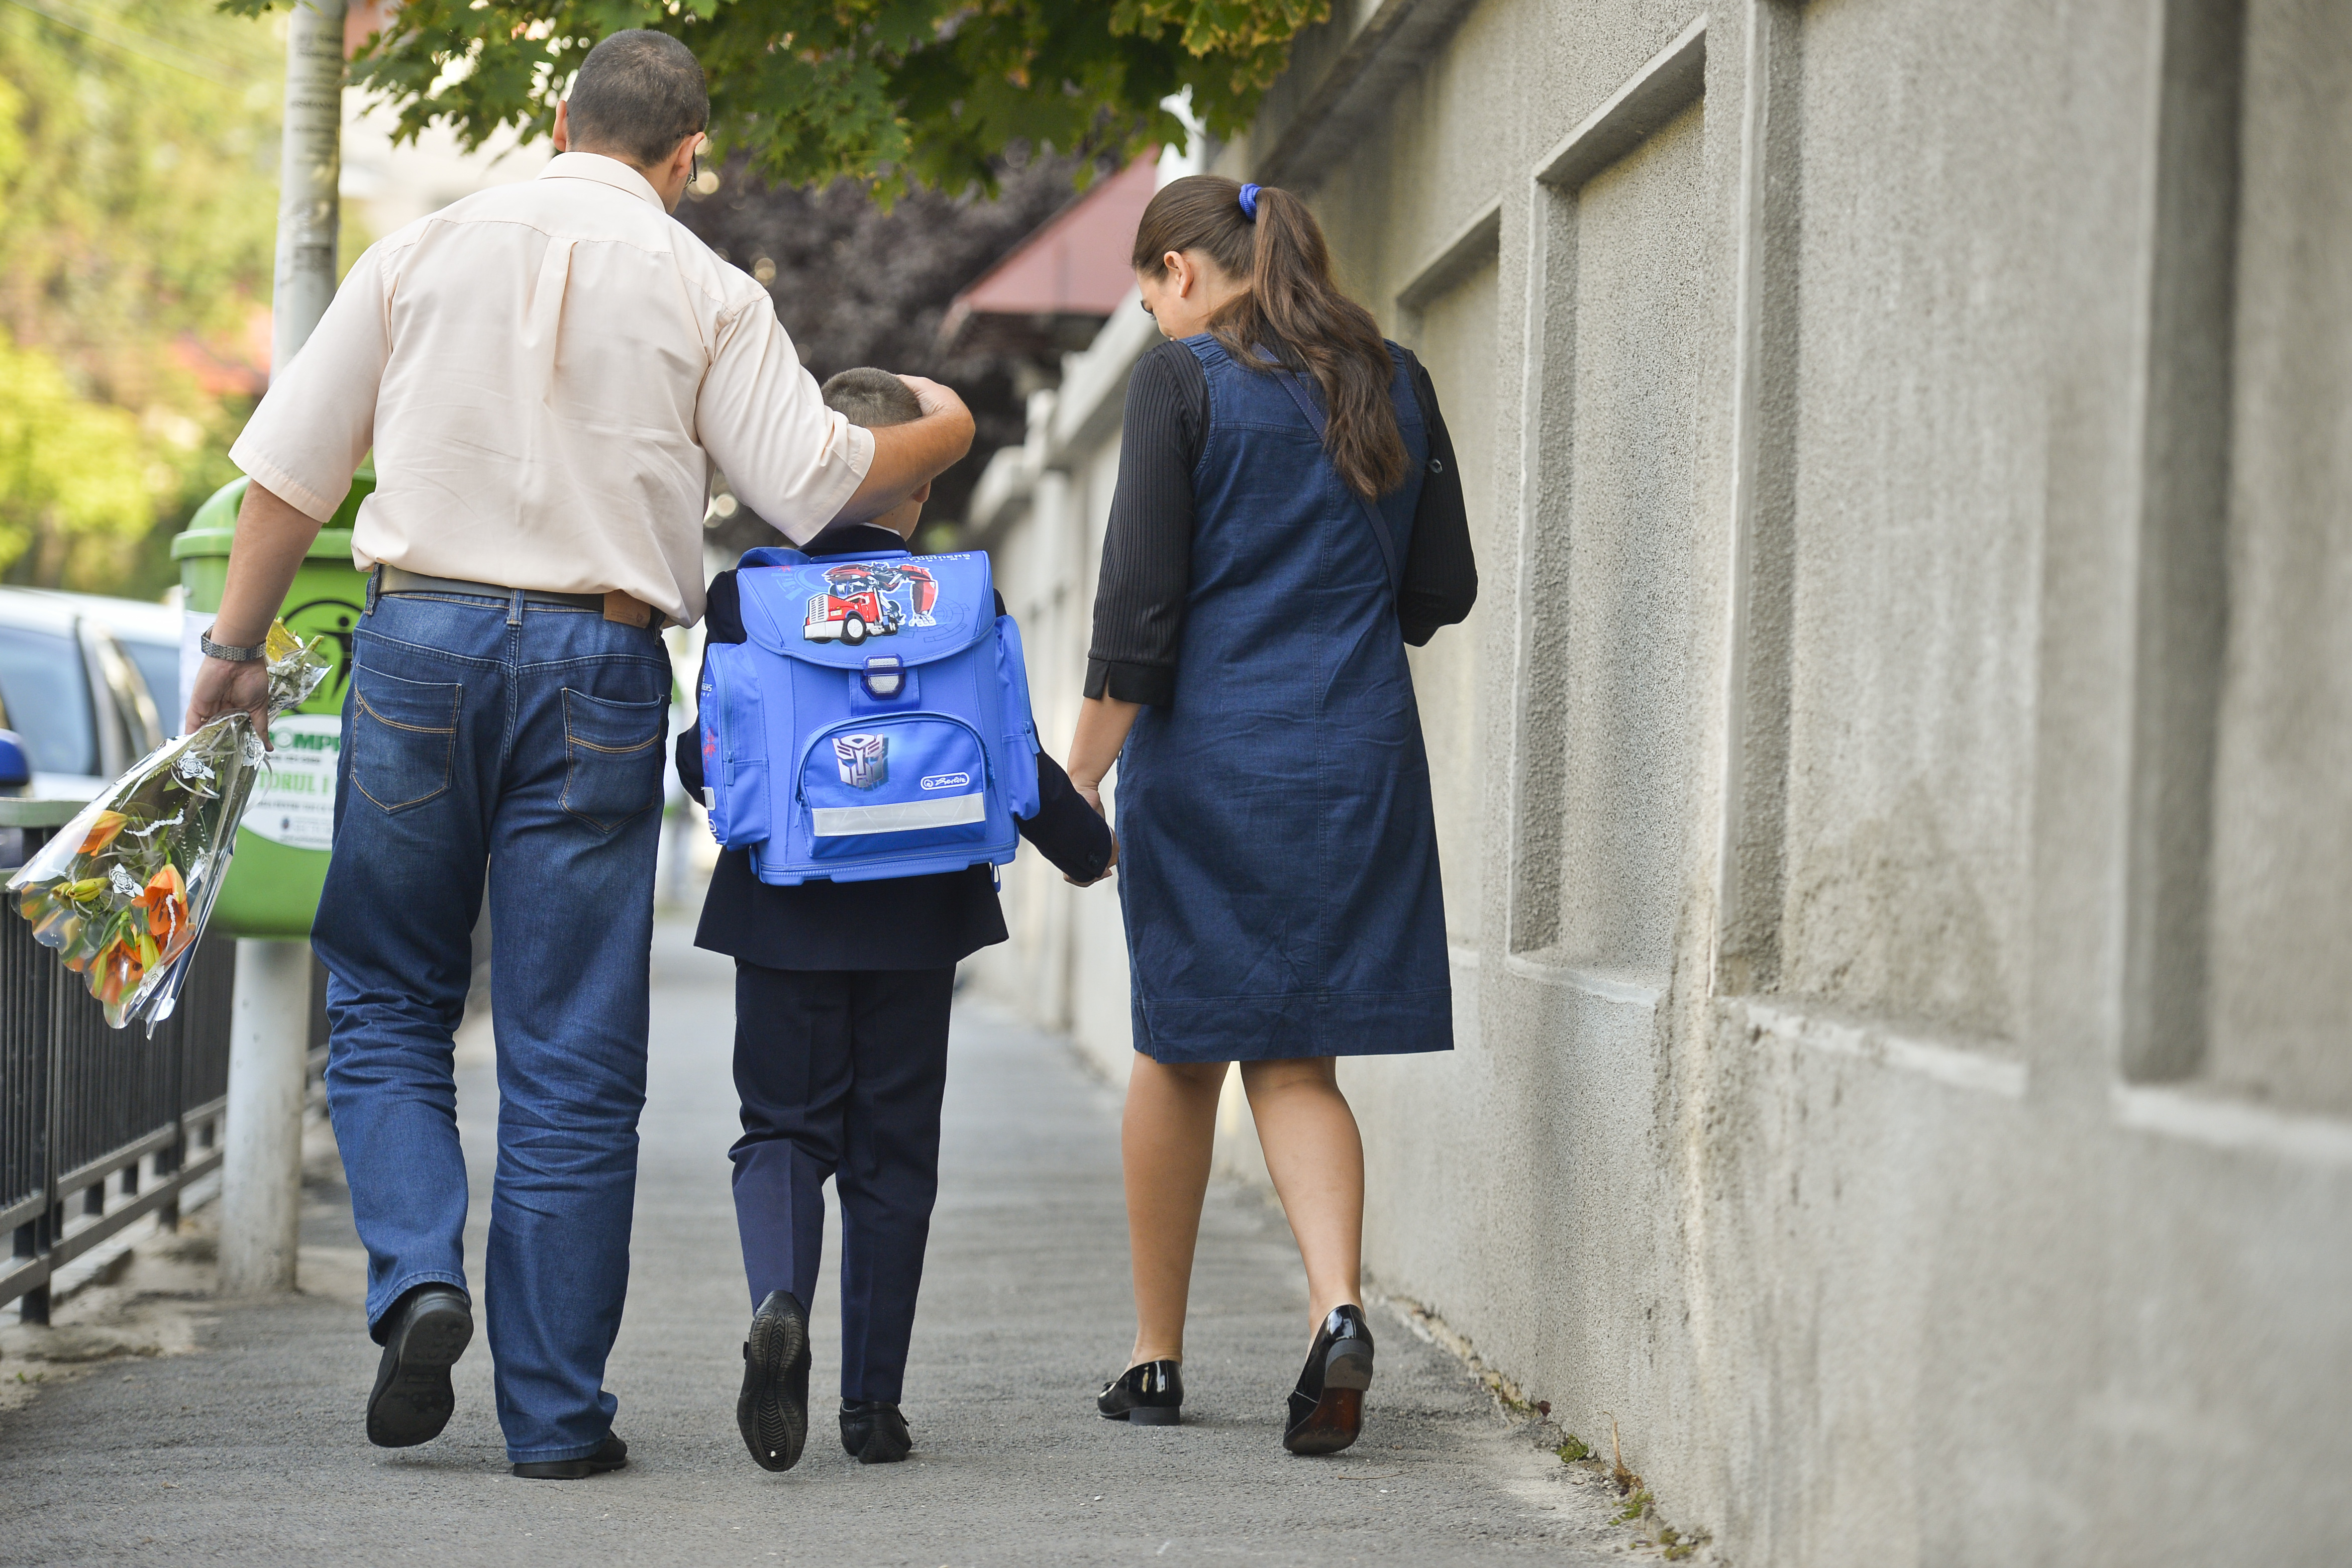 SCANDALUL manualelor alternative: Părinţii consideră că auxiliarele completează informaţiile din manualele tradiţionale